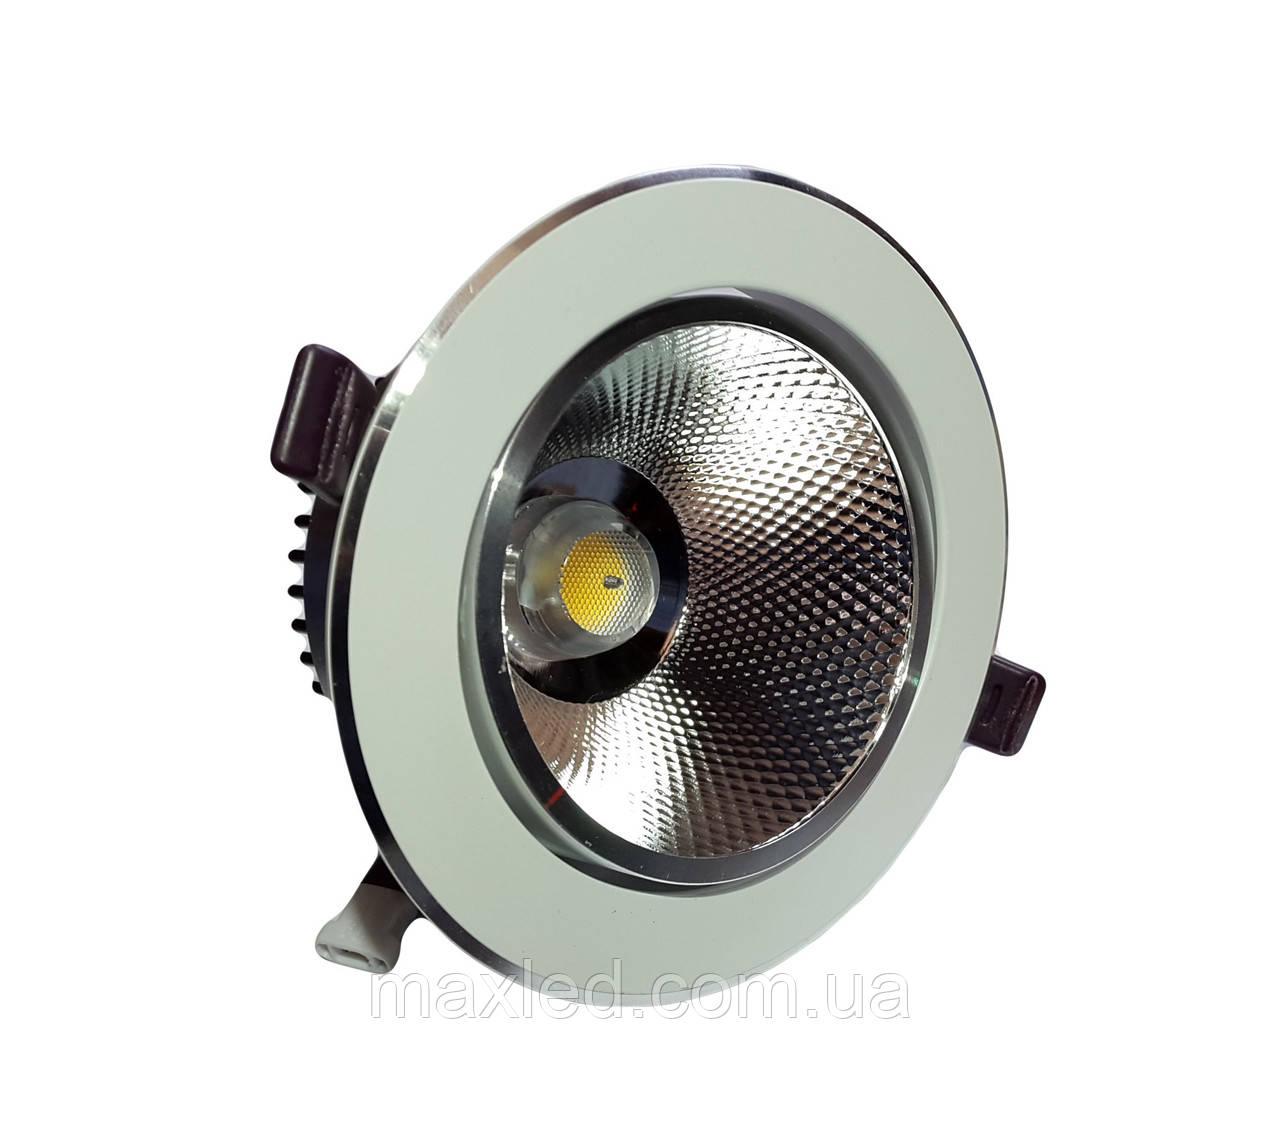 Светодиодный светильник 18Вт SC18CWX 130мм